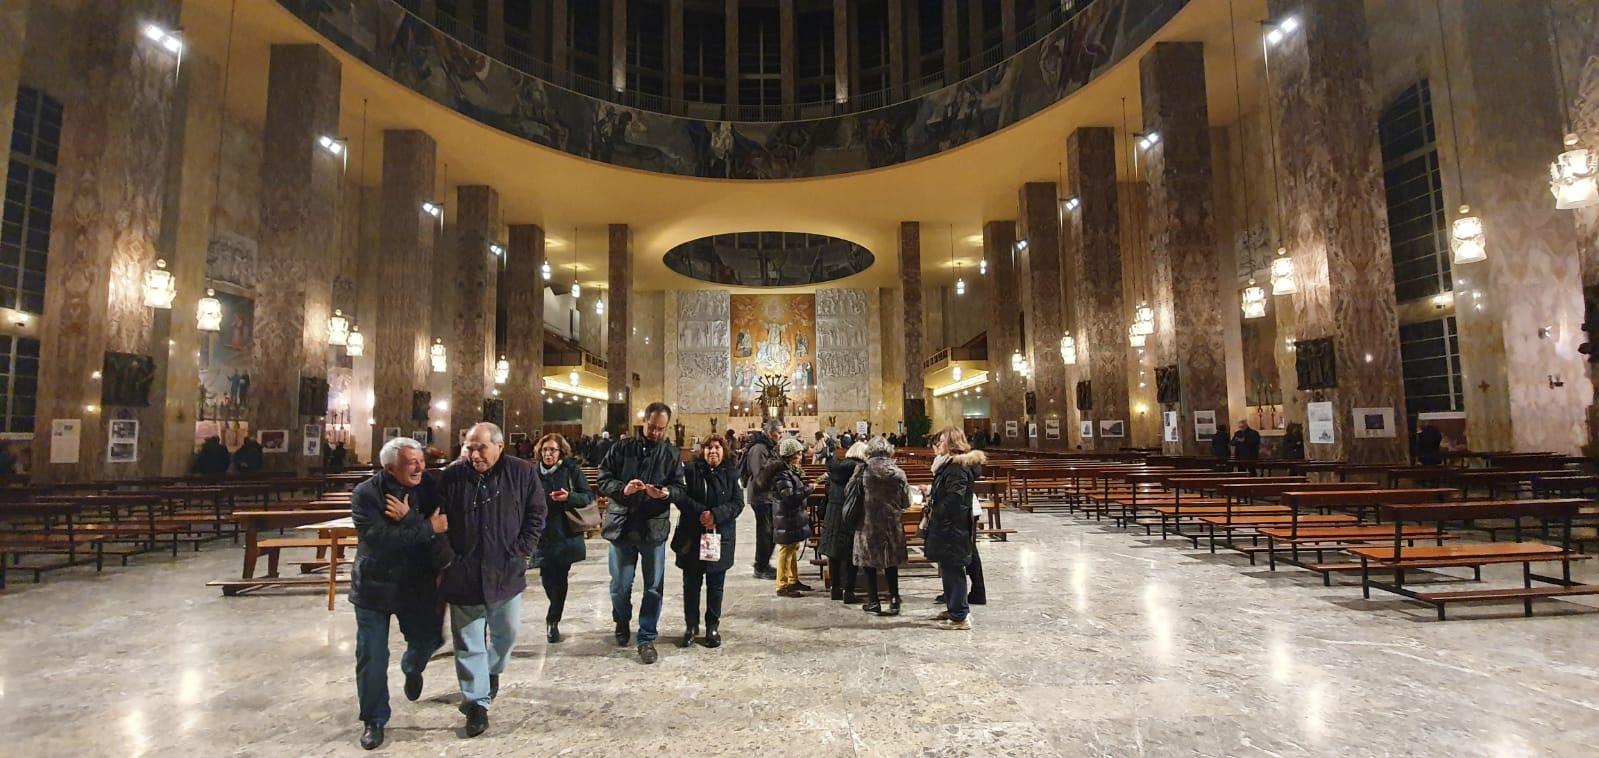 cantate inni con arte, basilica san giovanni bosco